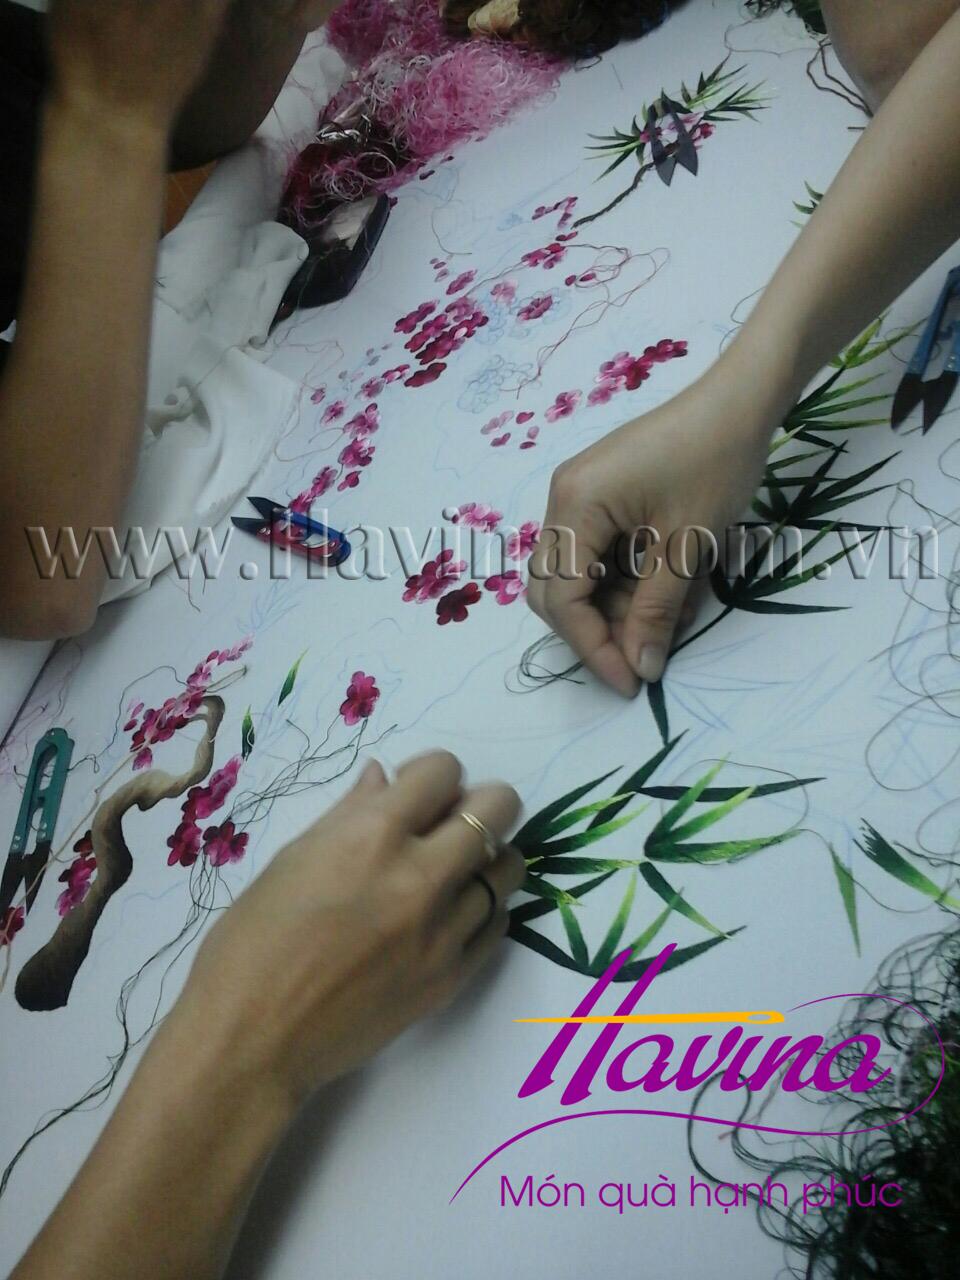 Nghệ nhân tranh thêu tay Huế thêu tác phẩm tranh thêu hoa đào